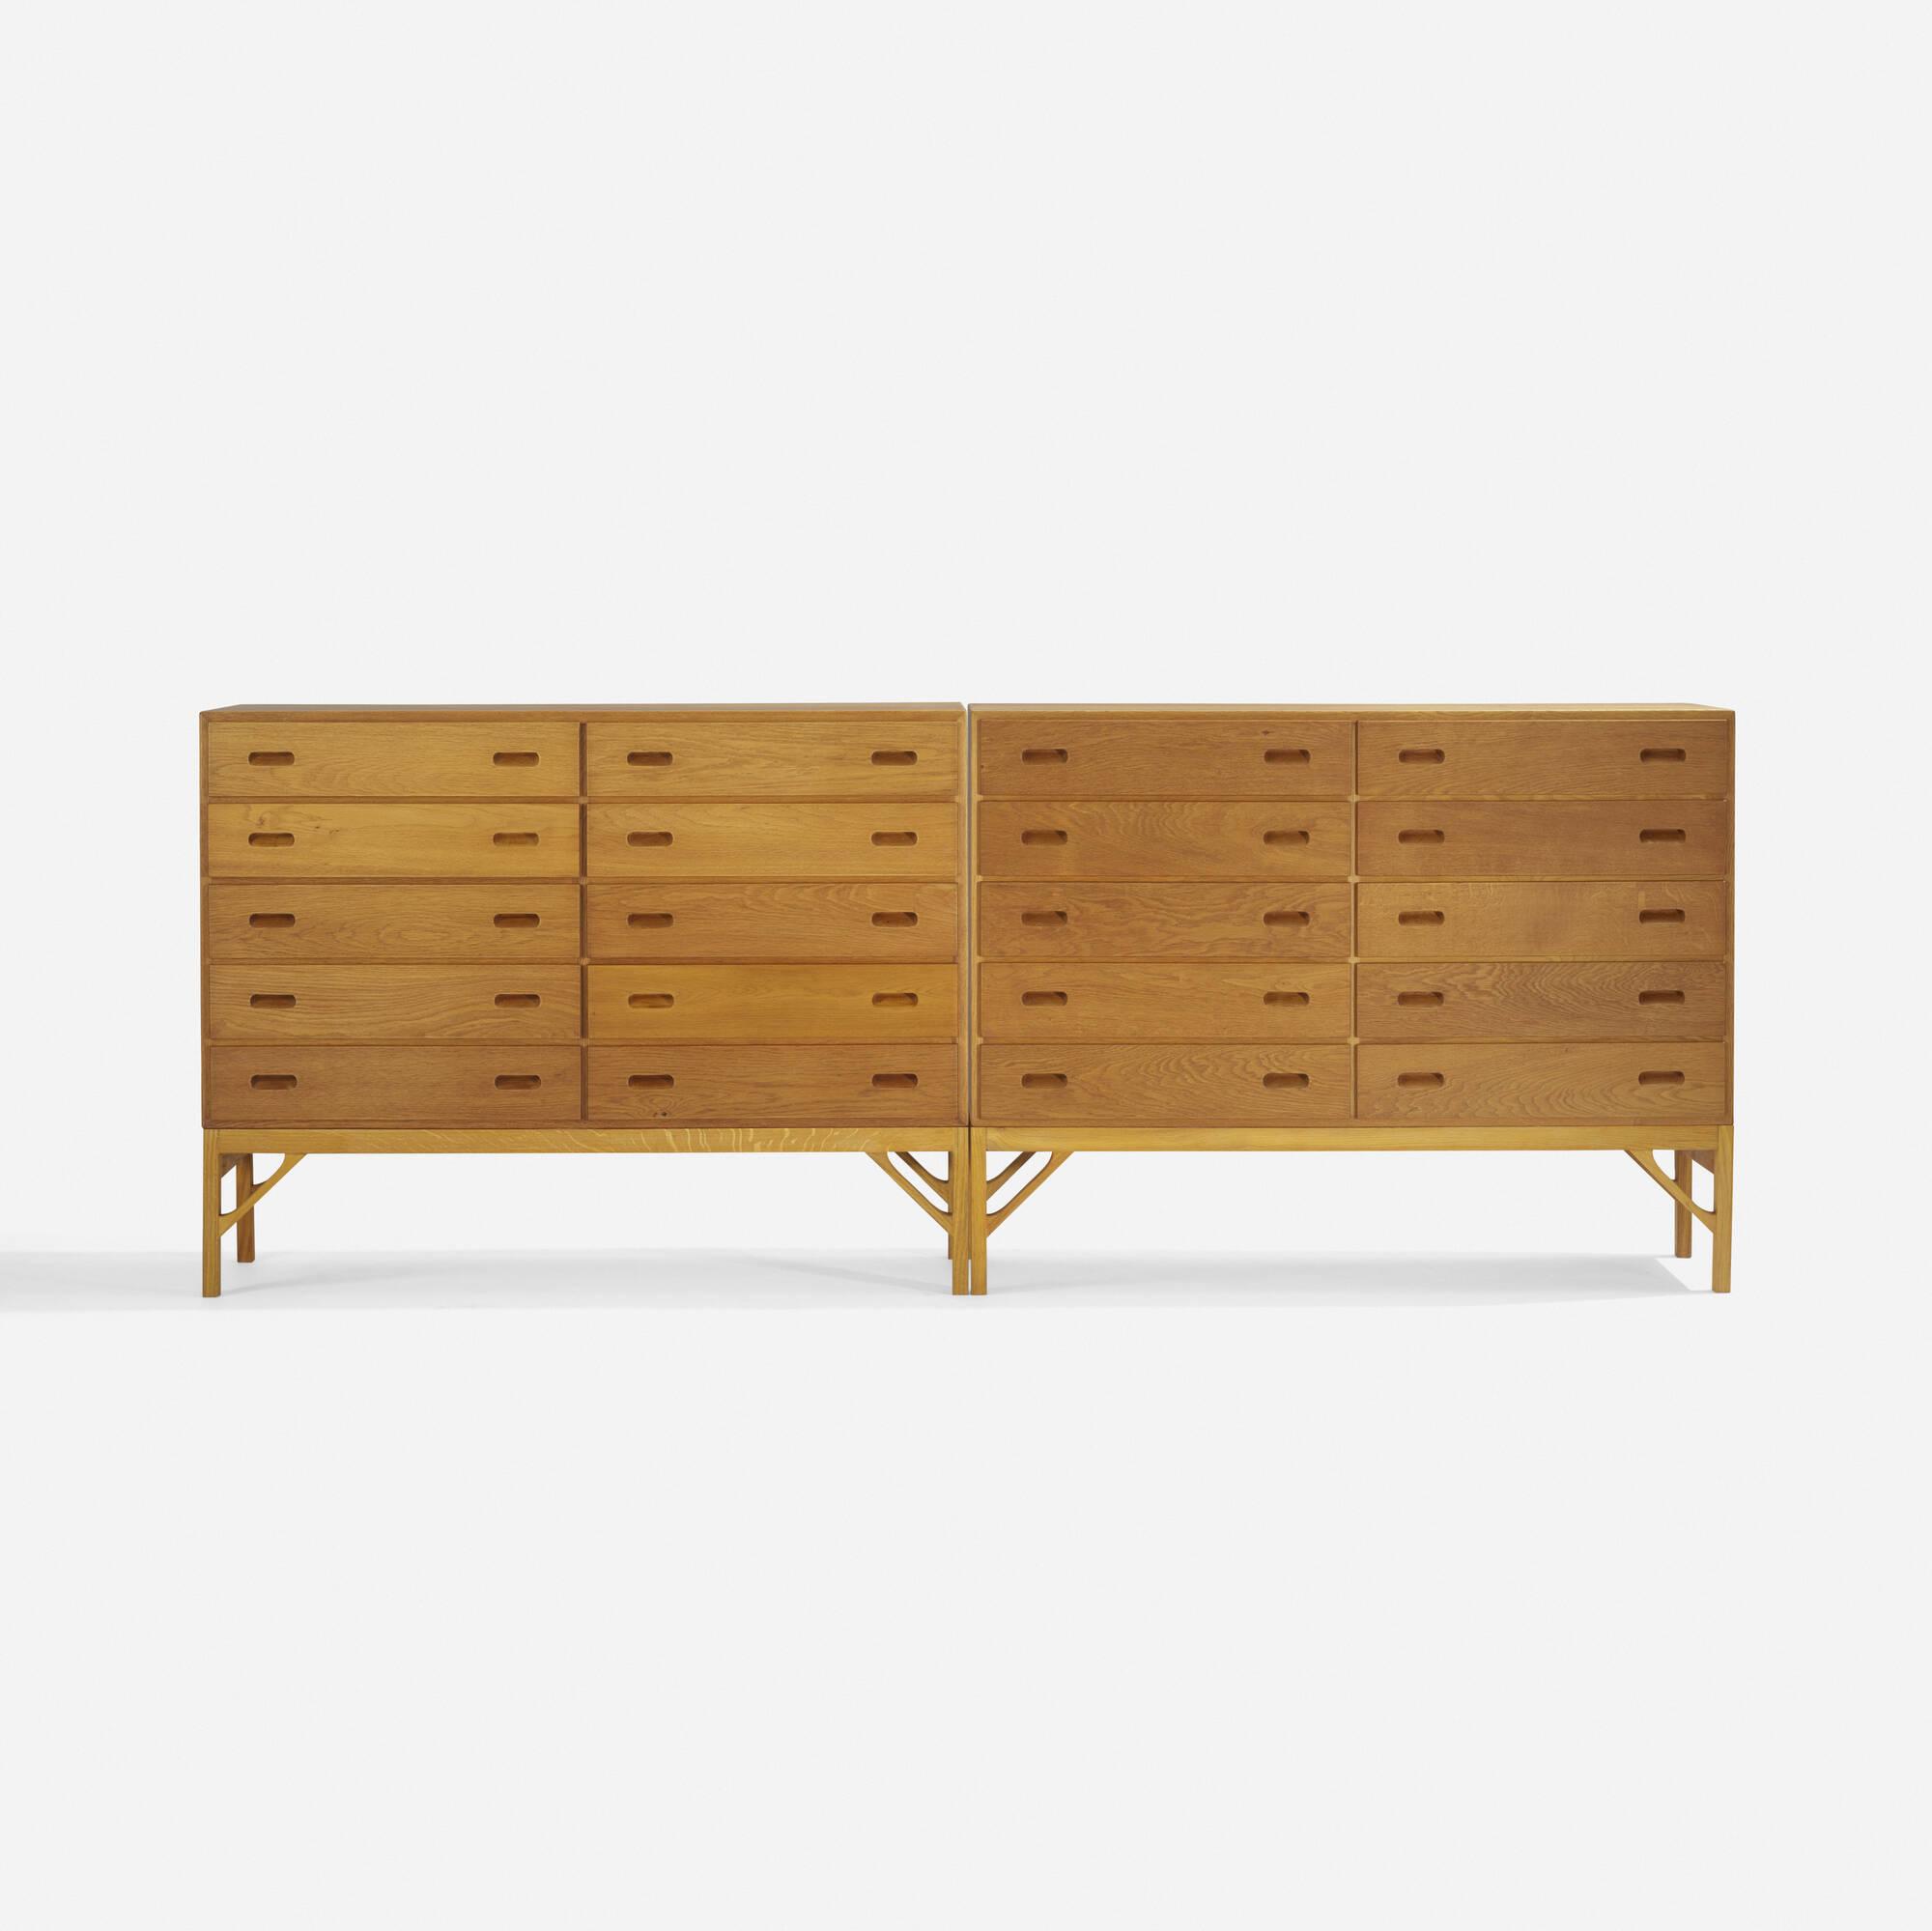 265: Børge Mogensen / cabinets, pair (2 of 3)